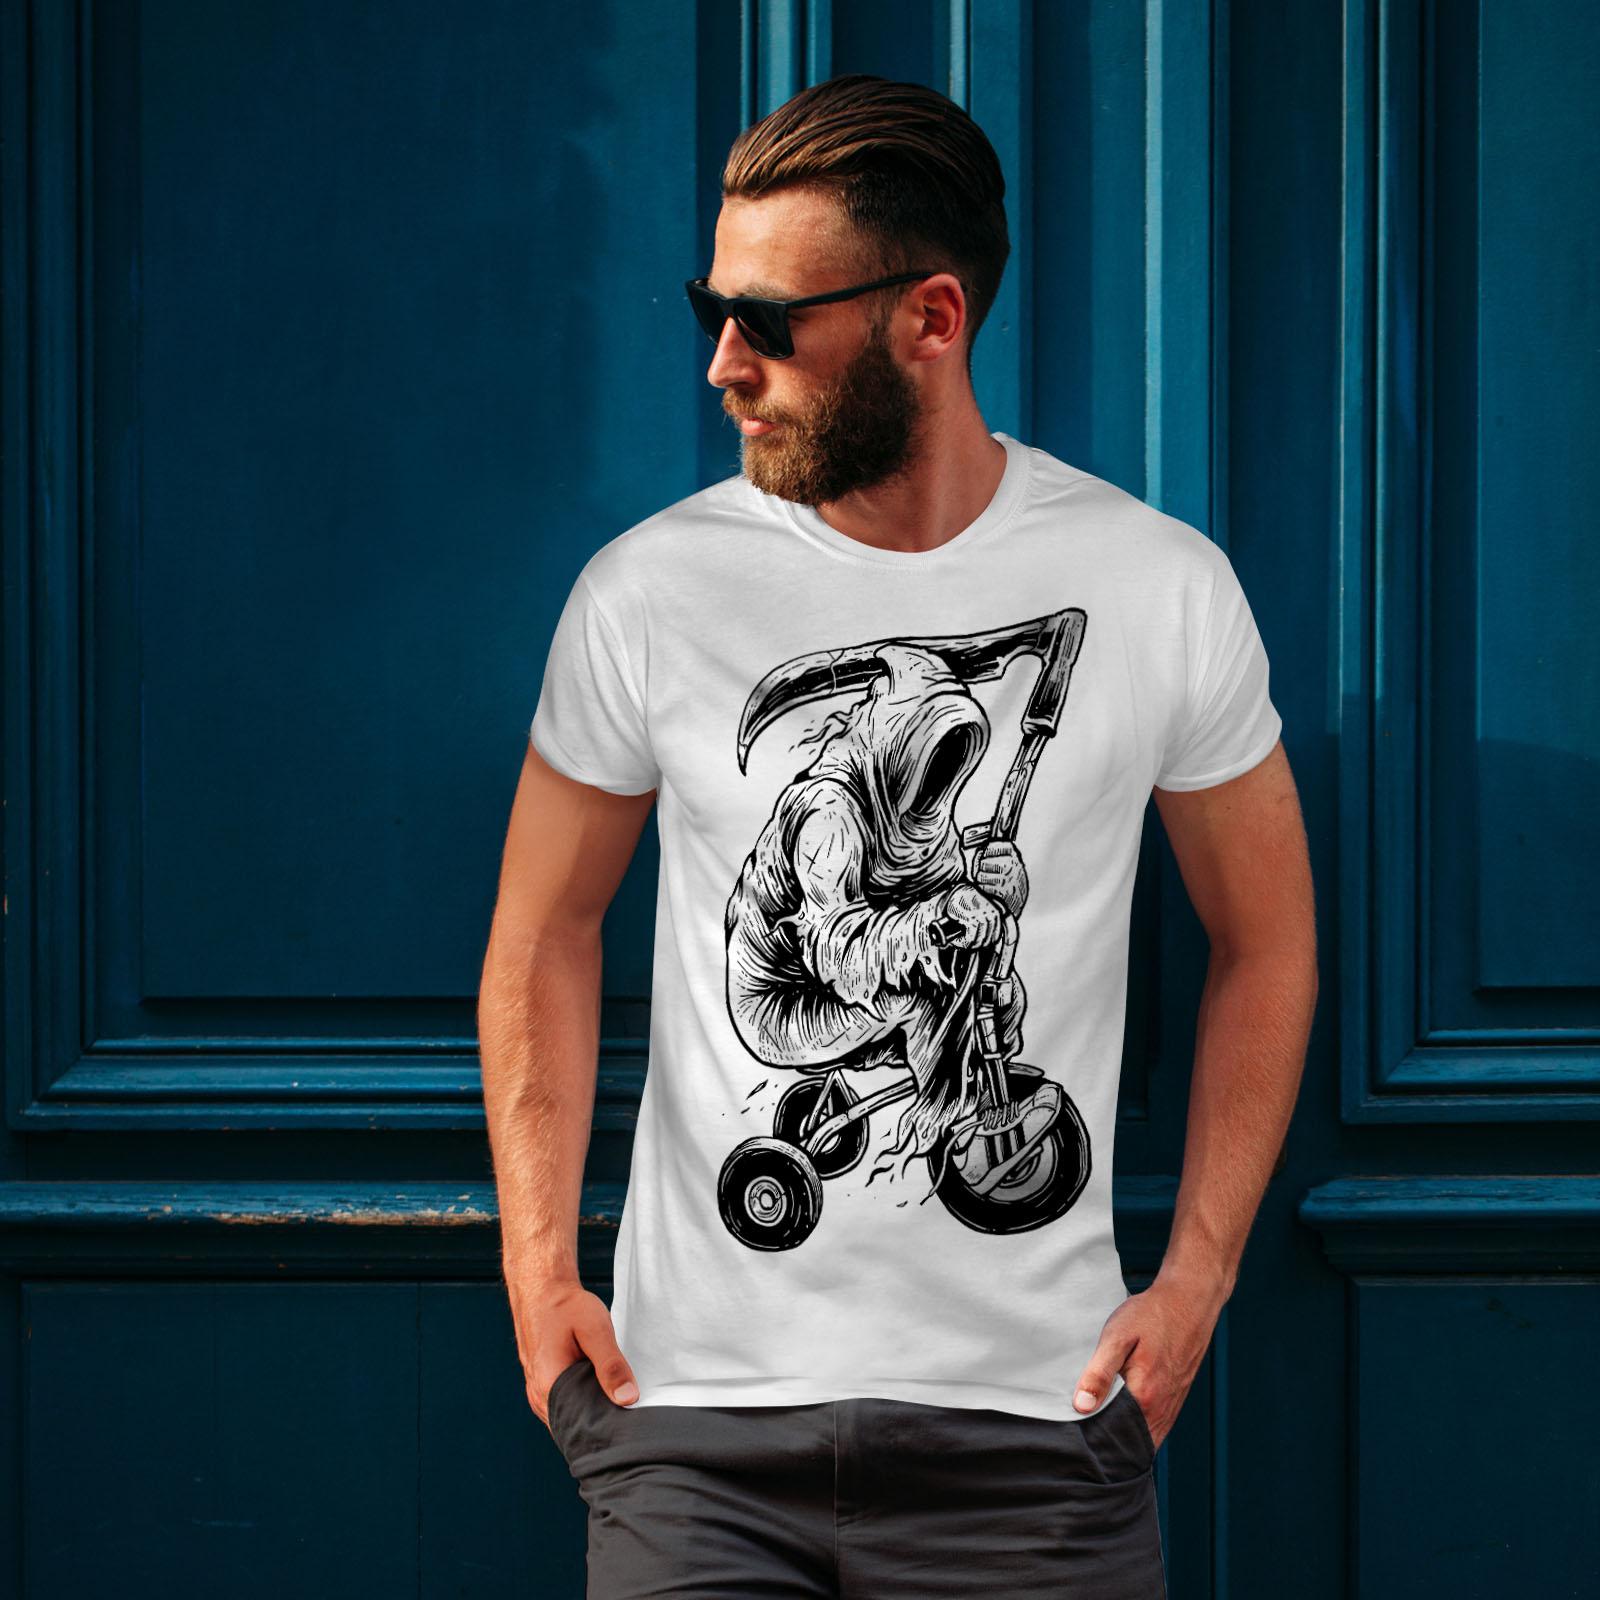 Wellcoda Grim Reaper Horror di corsa da uomo T-shirt 0 Graphic Design Stampato Tee